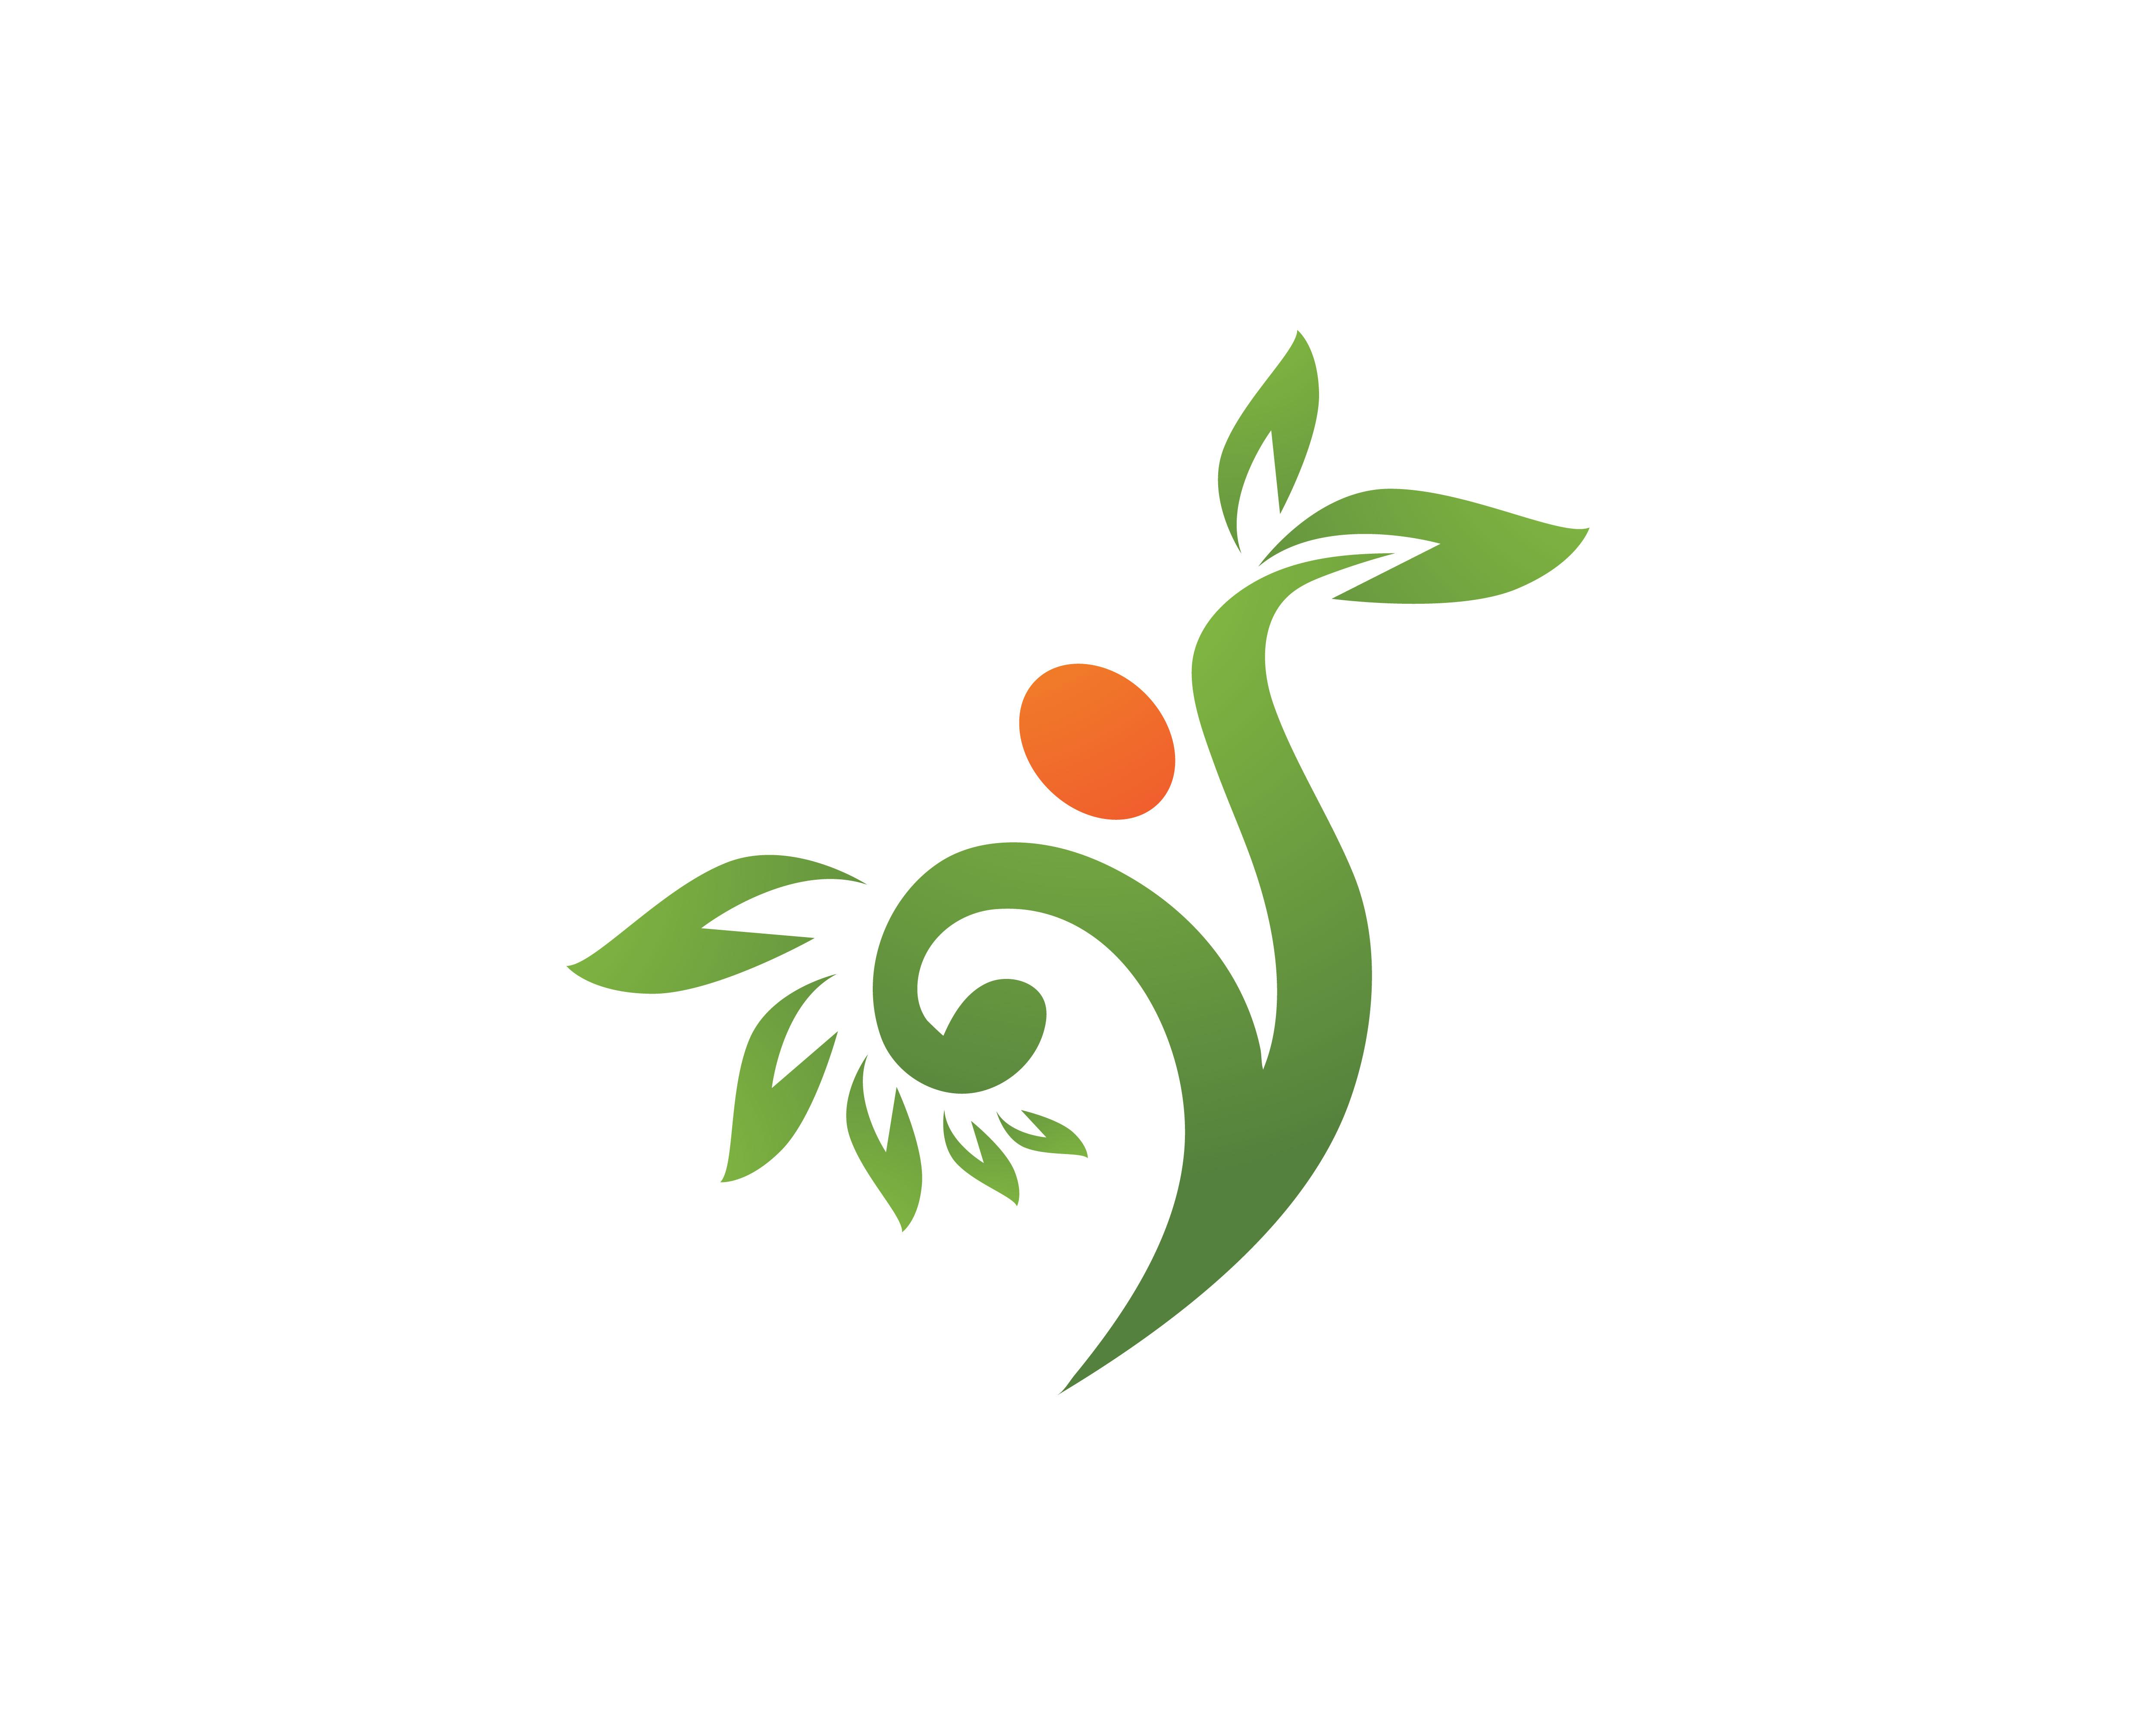 運動 logo 免費下載   天天瘋後製